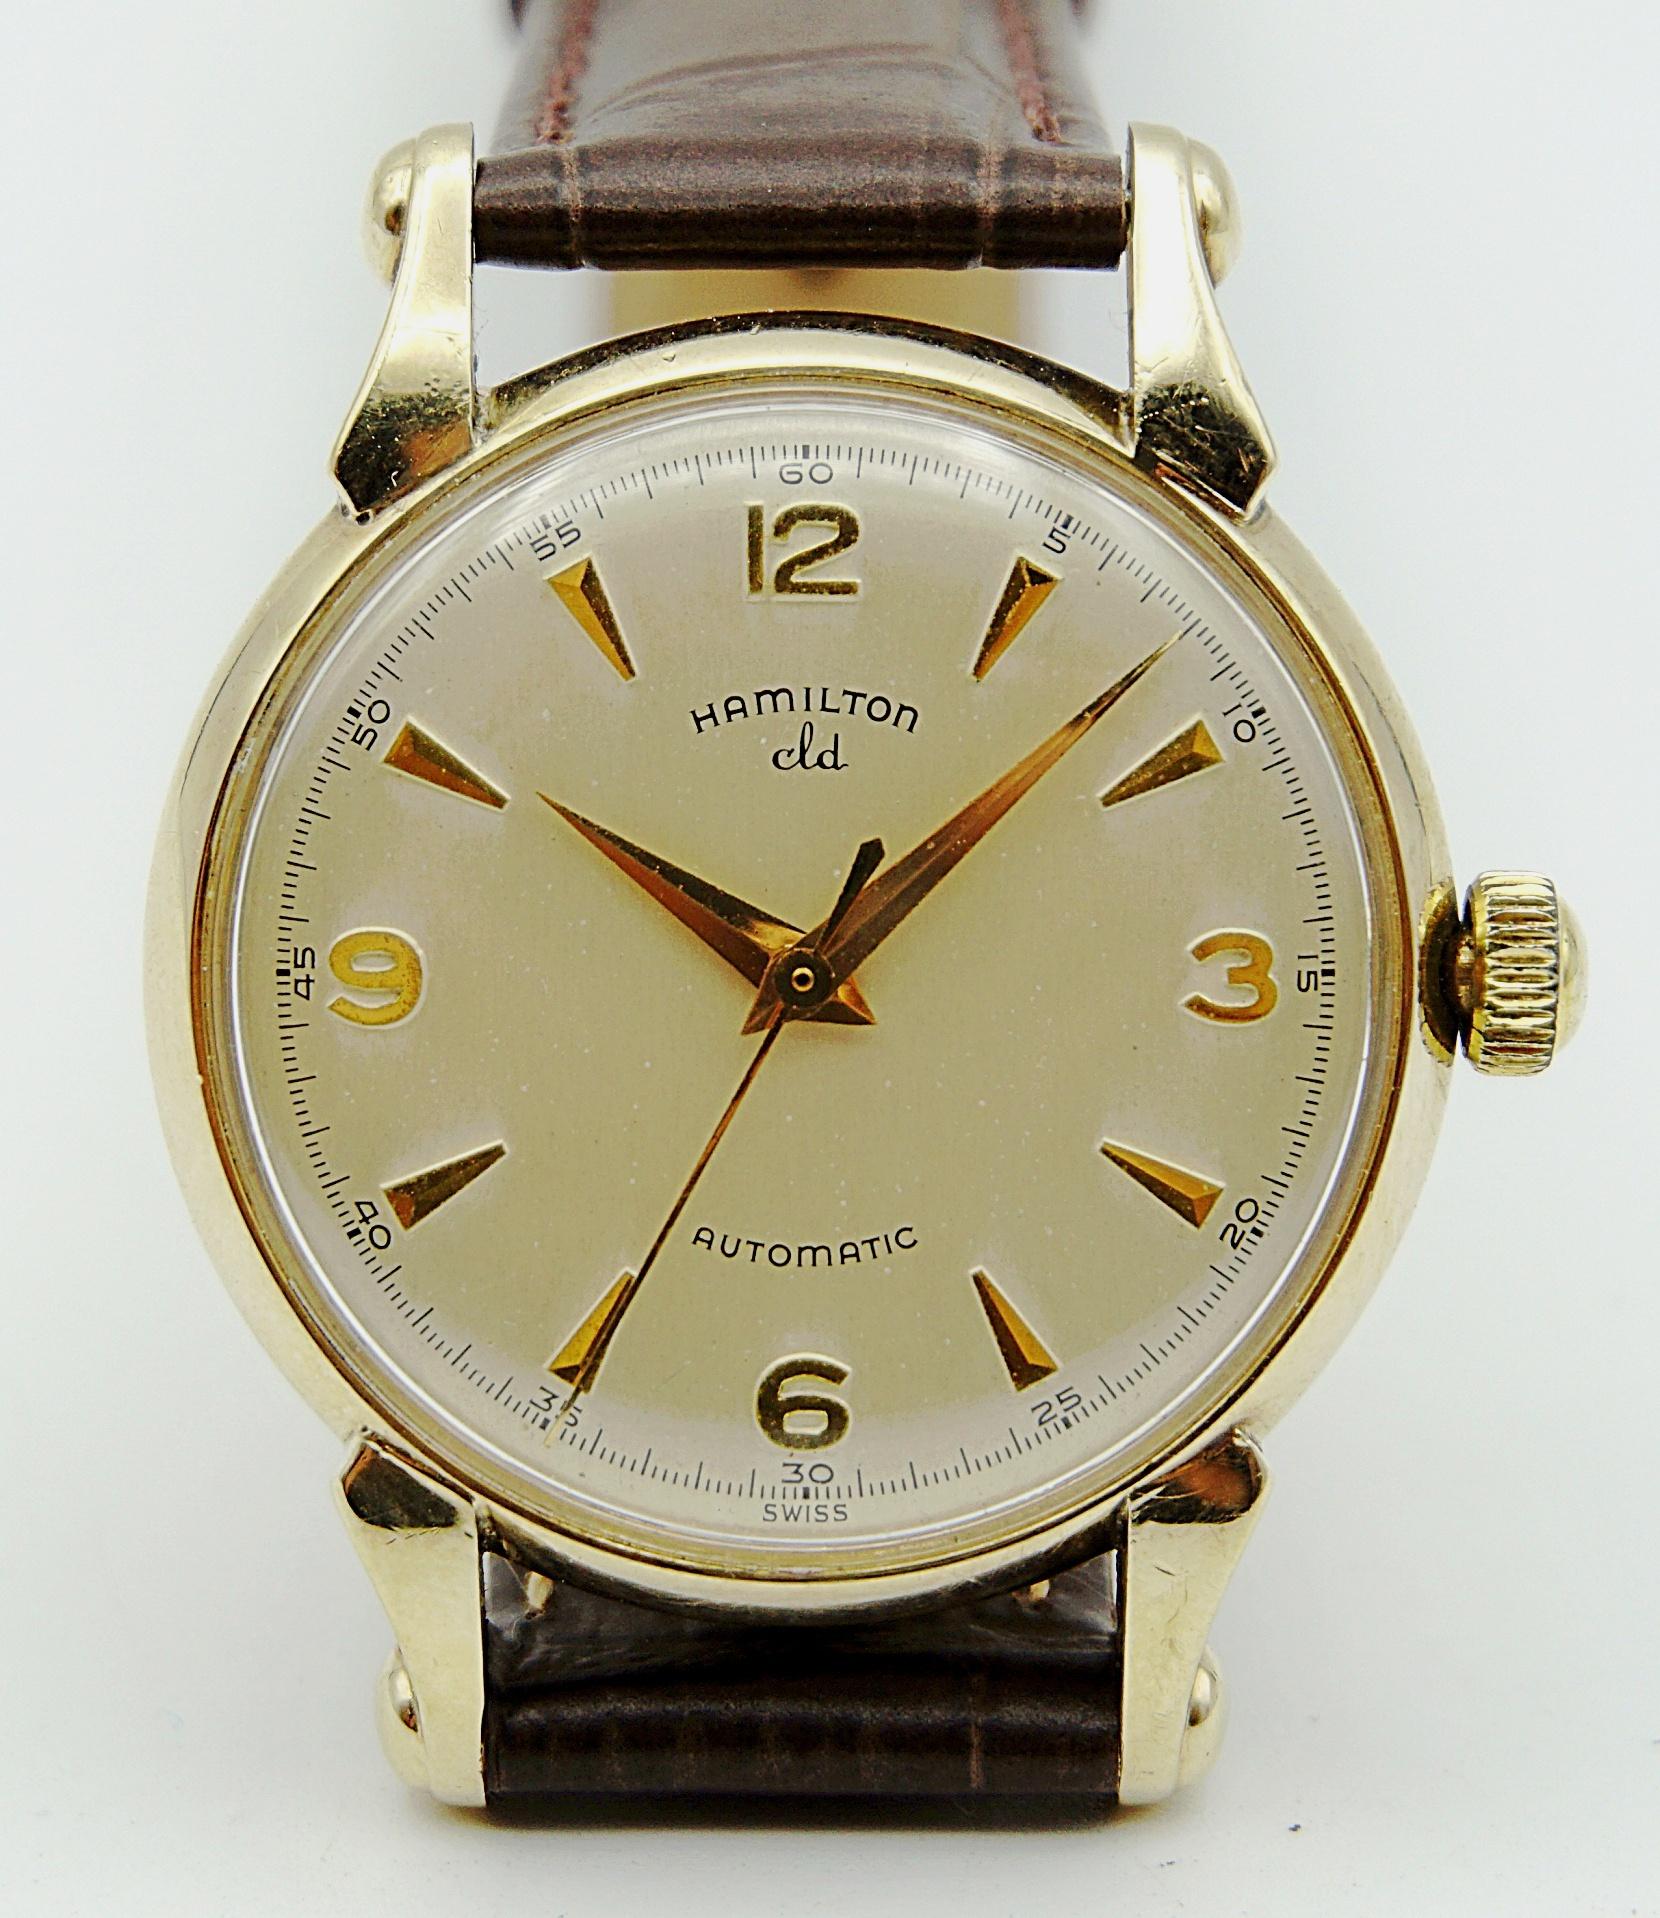 นาฬิกาเก่า HAMILTON ออโตเมติก